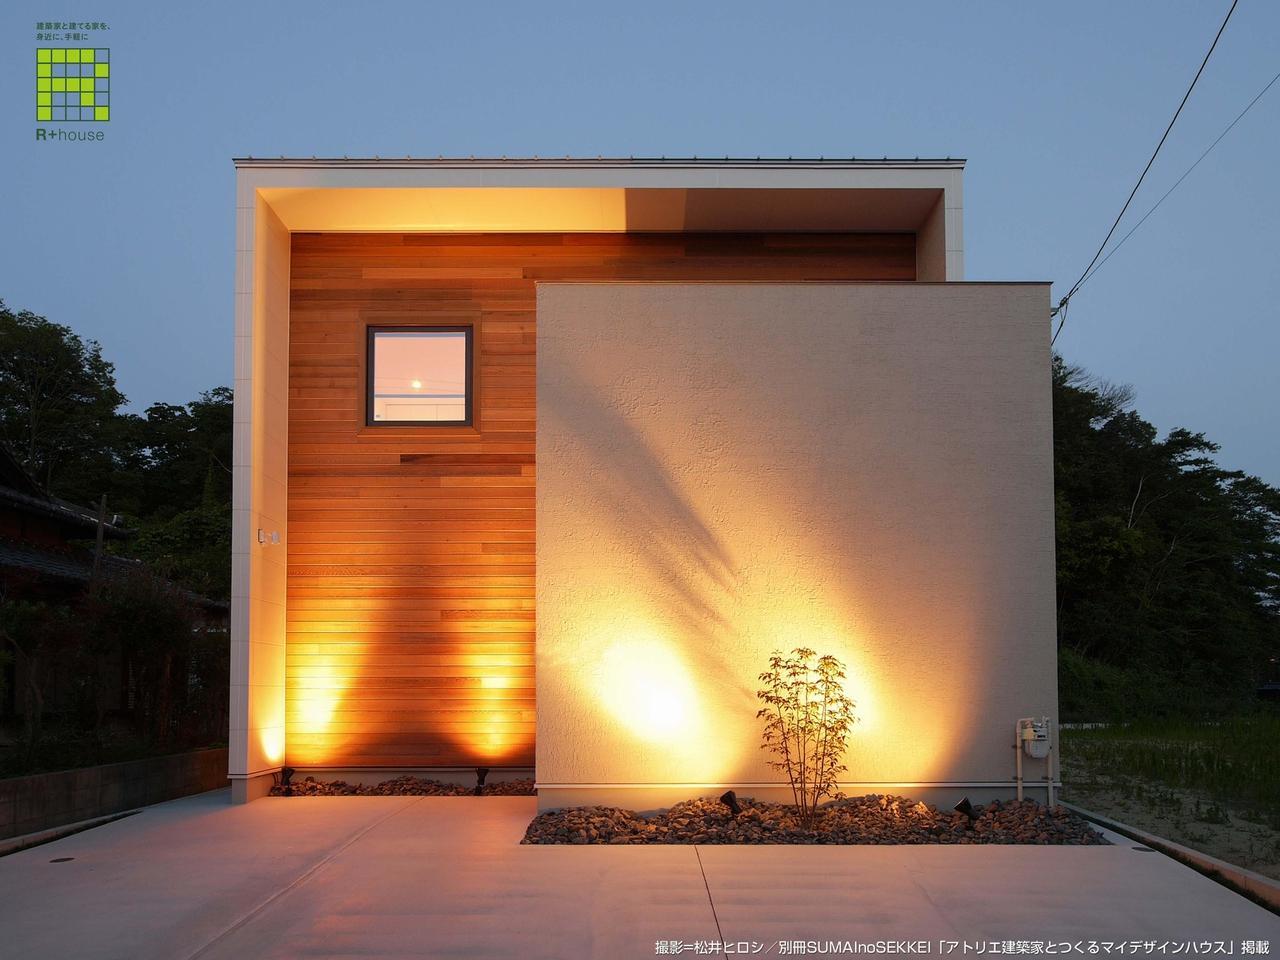 【姫路】低コストで叶える建築家住宅!参加無料の住宅セミナーも人気|株式会社アールホーム